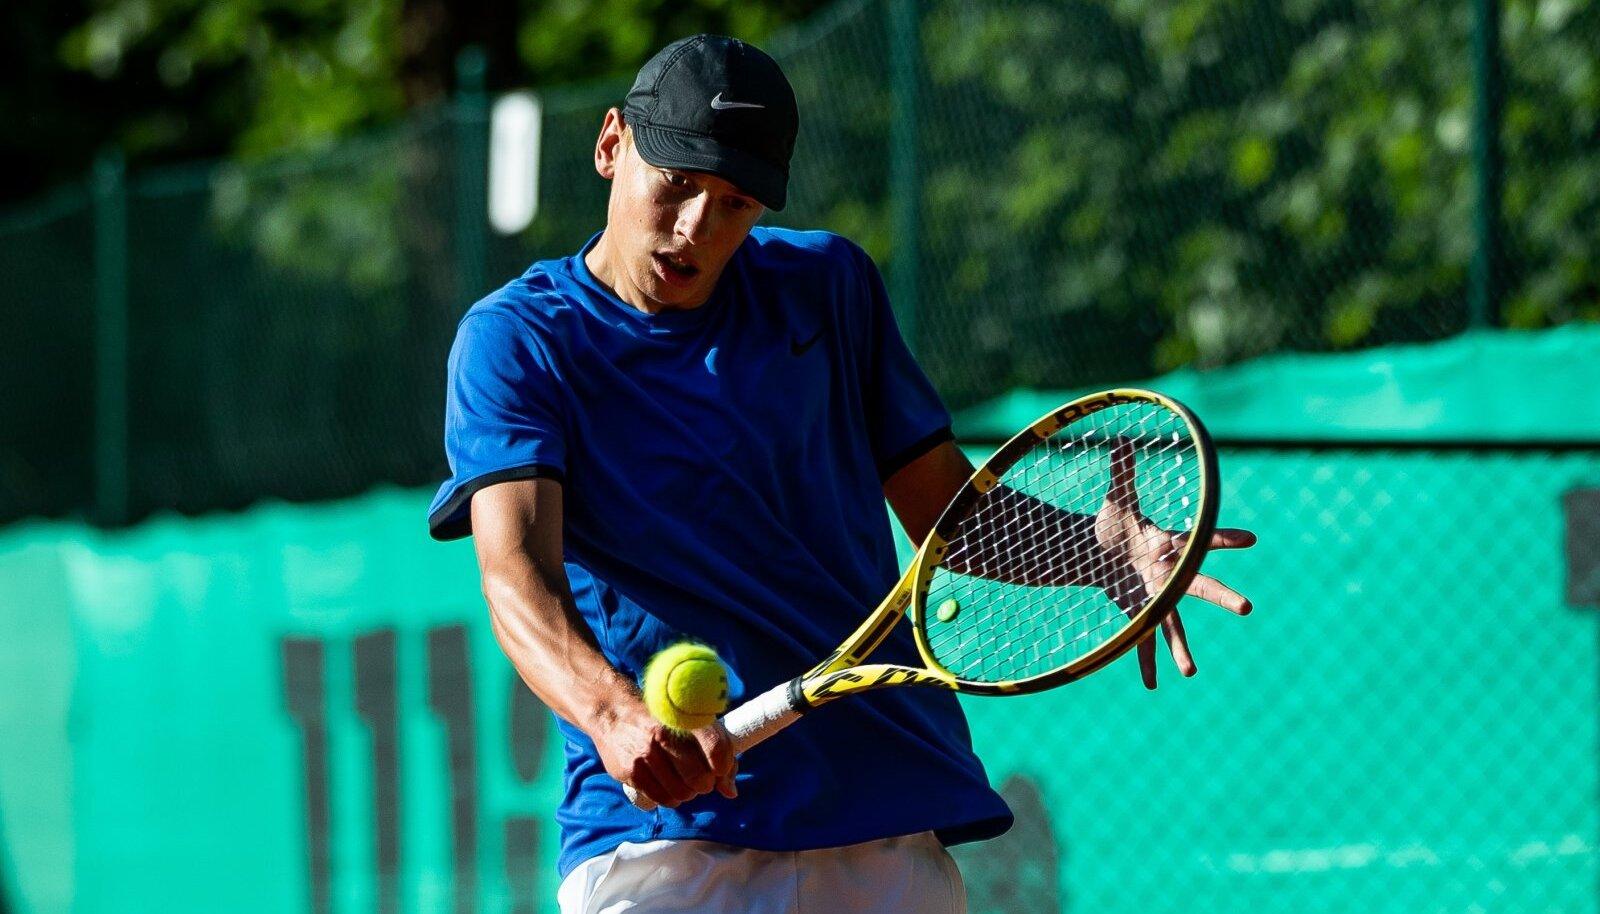 Oliver Ojakäär on praegu üks Eesti silmapaistvamaid noori tennisiste.